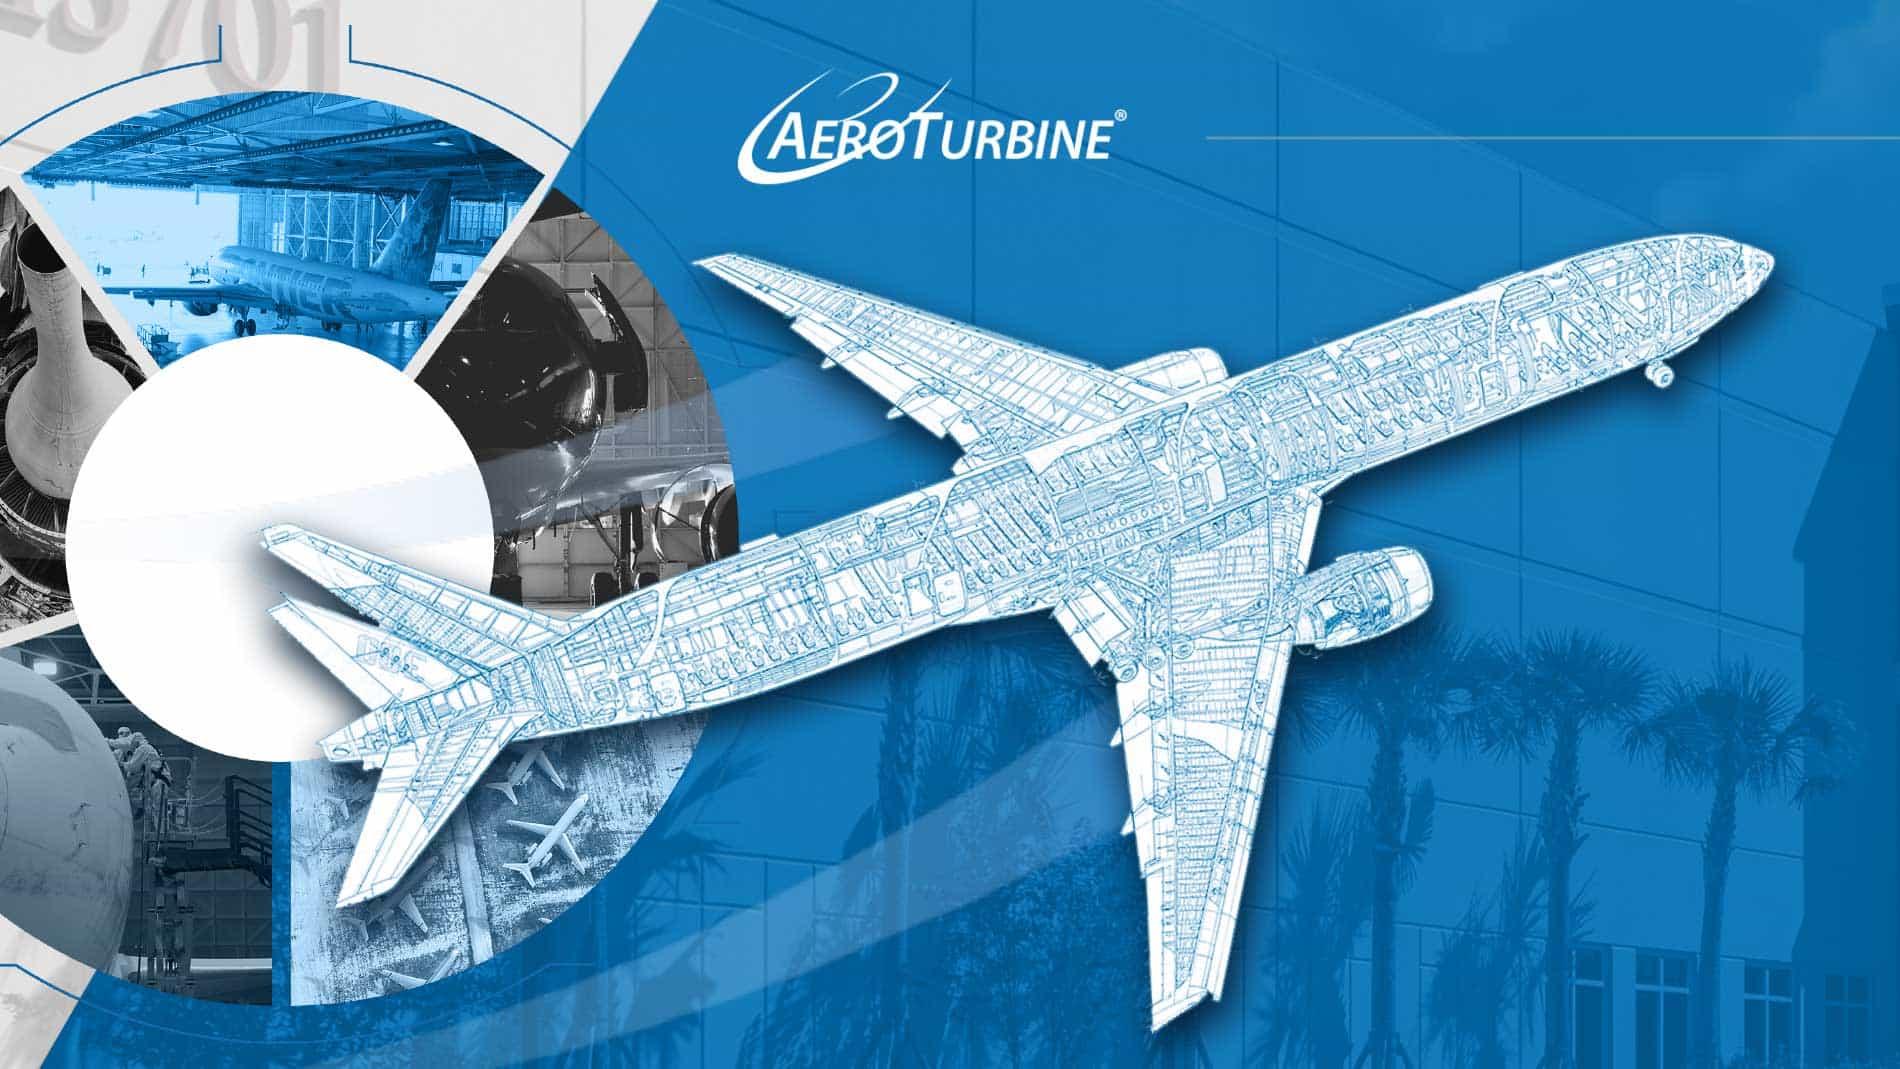 AeroTurbine